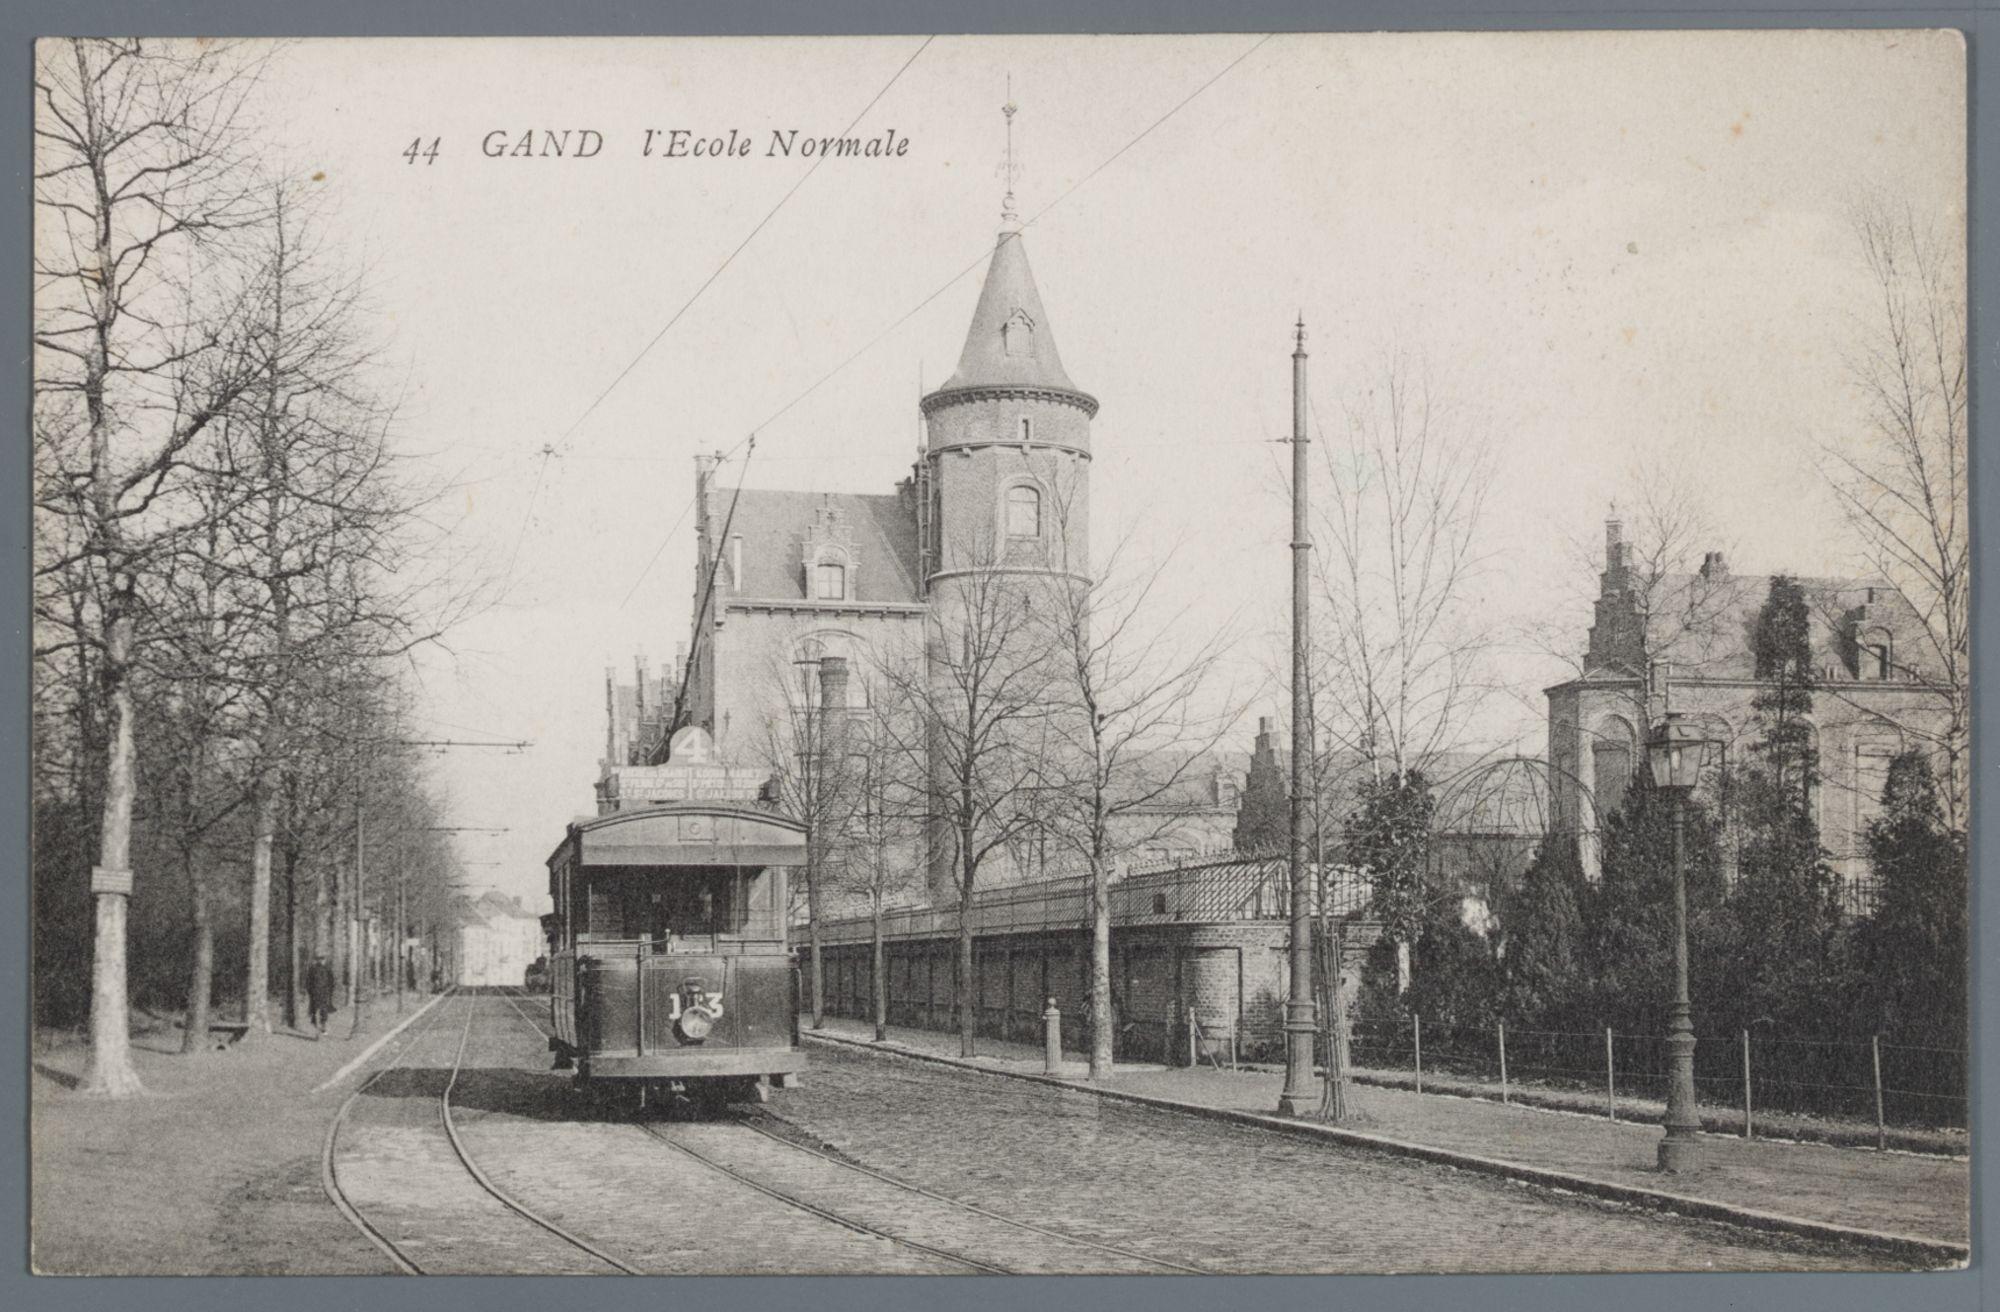 Gent: Hofbouwlaan: Normaalschool en tram 4